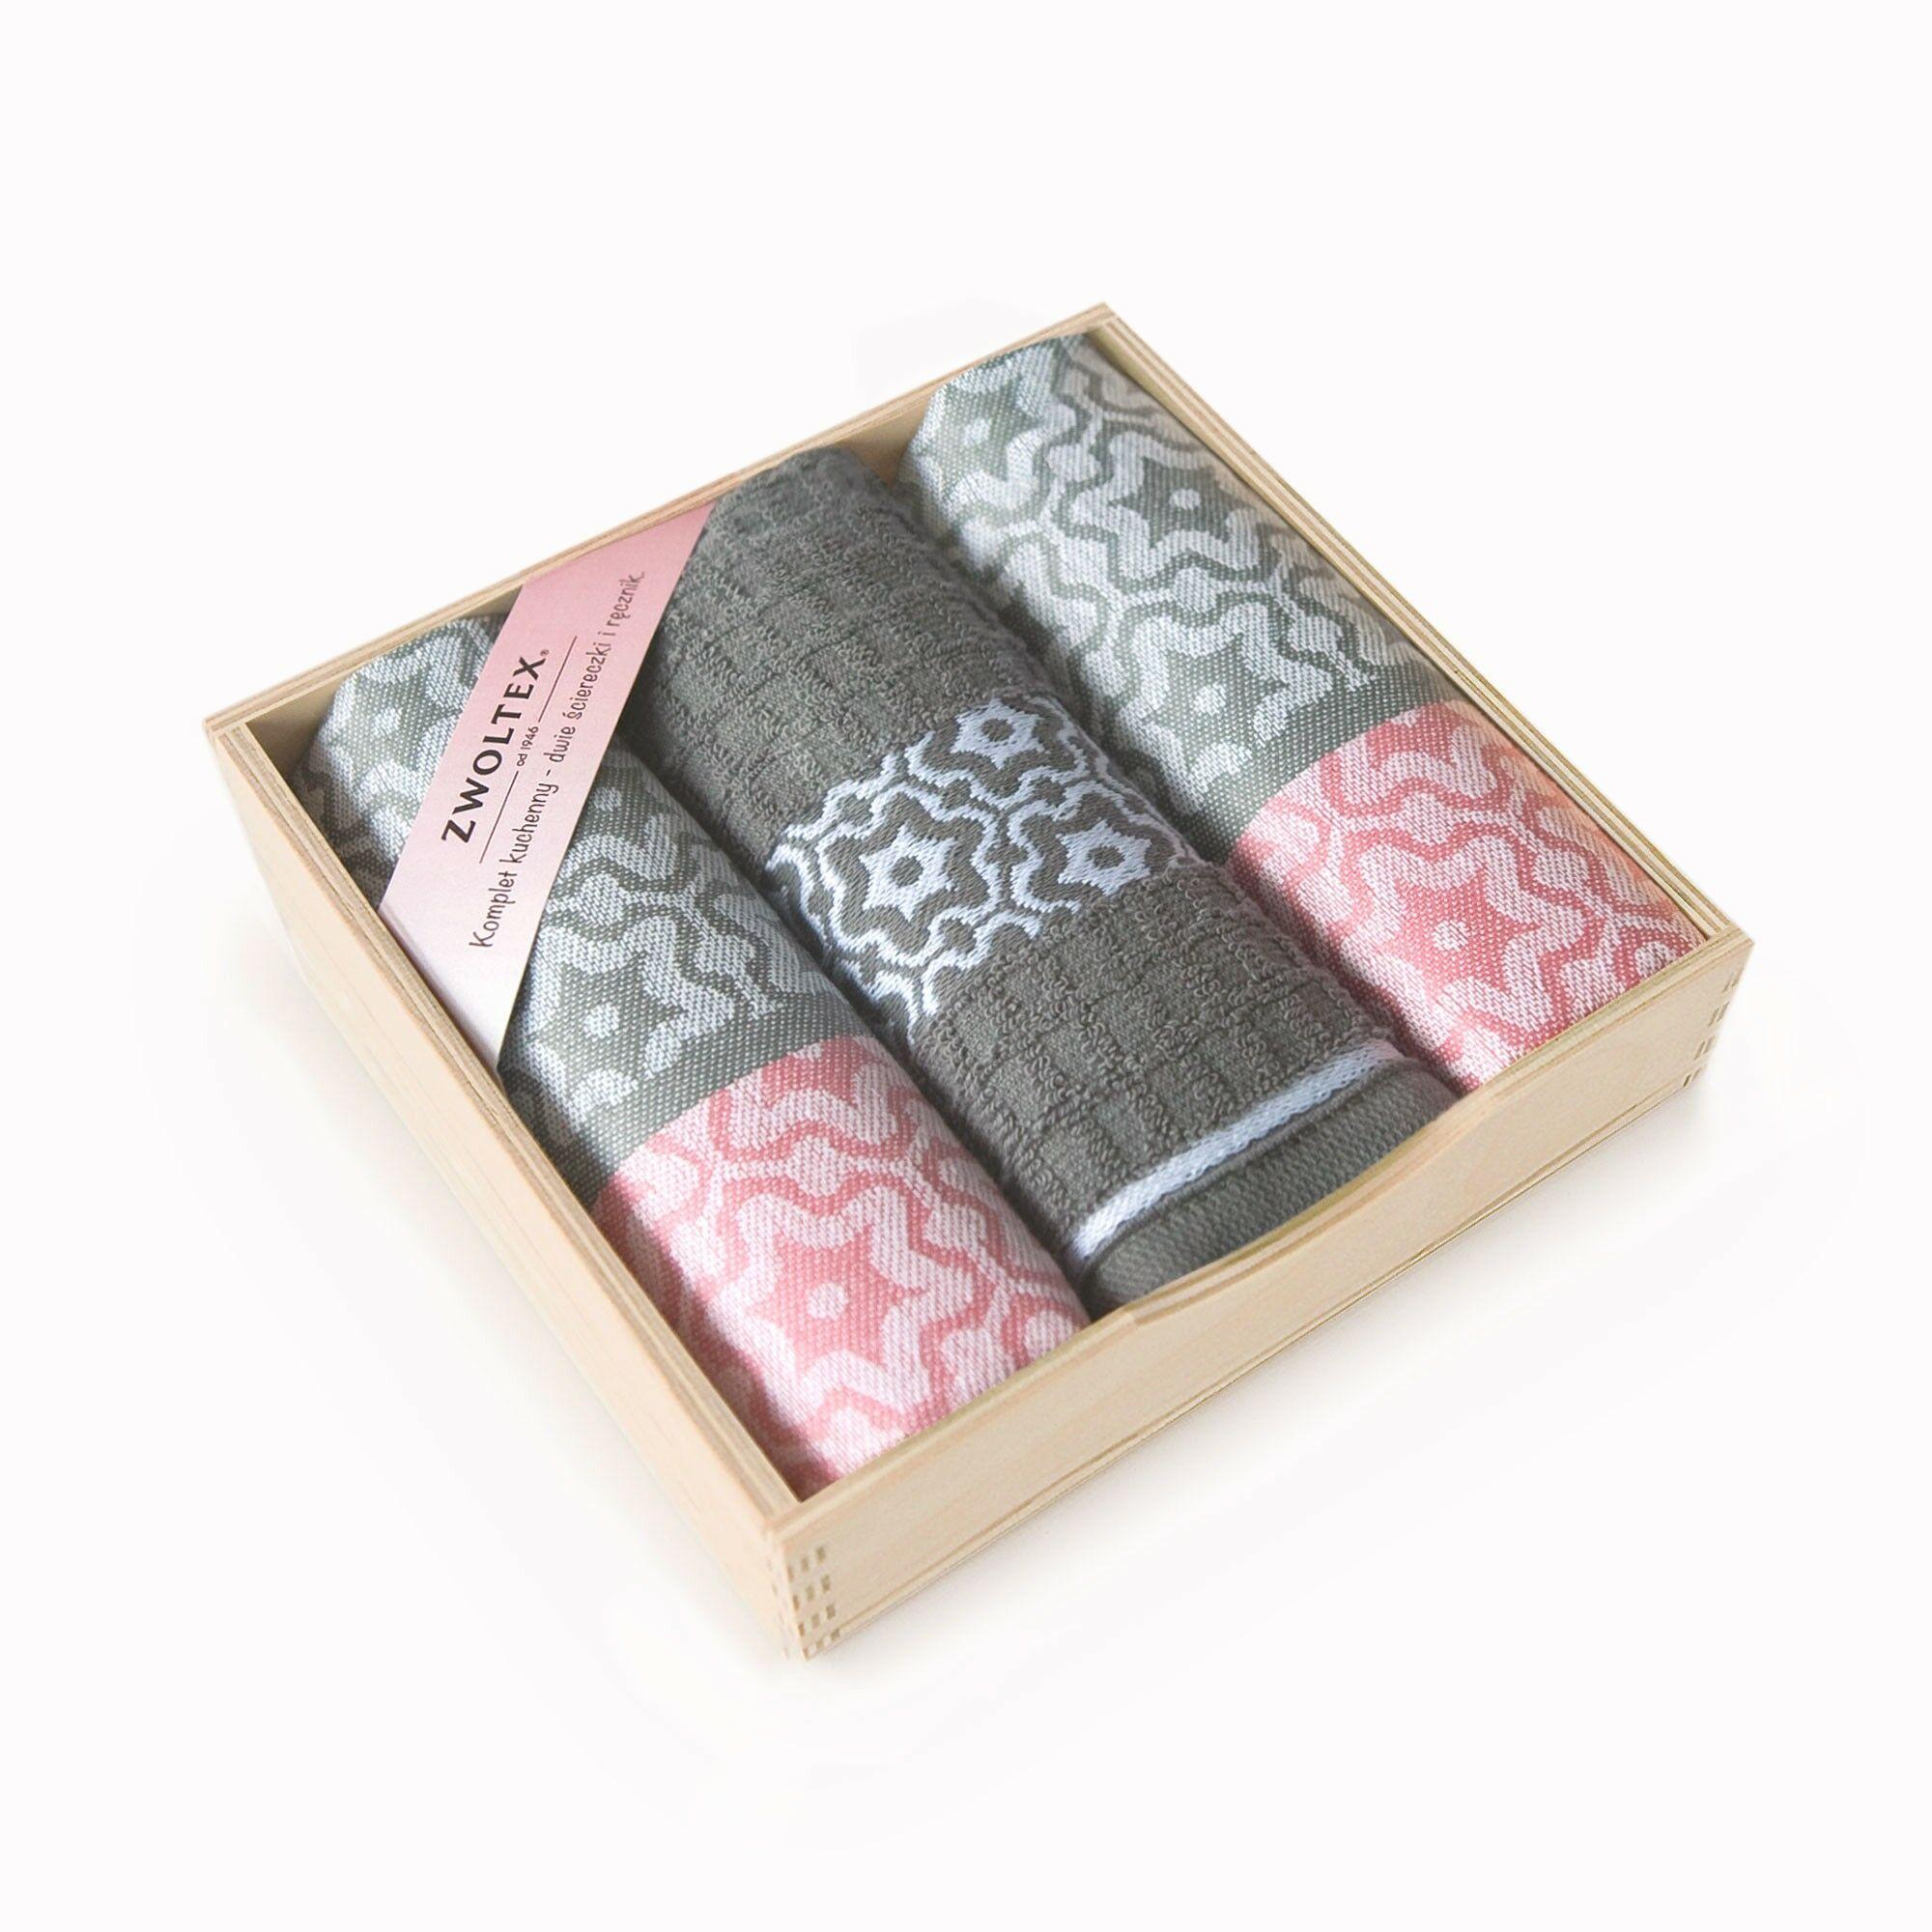 Komplet ścierek kuchennych Czapla 3szt Marsala szary różowy w drewnianym pudełku